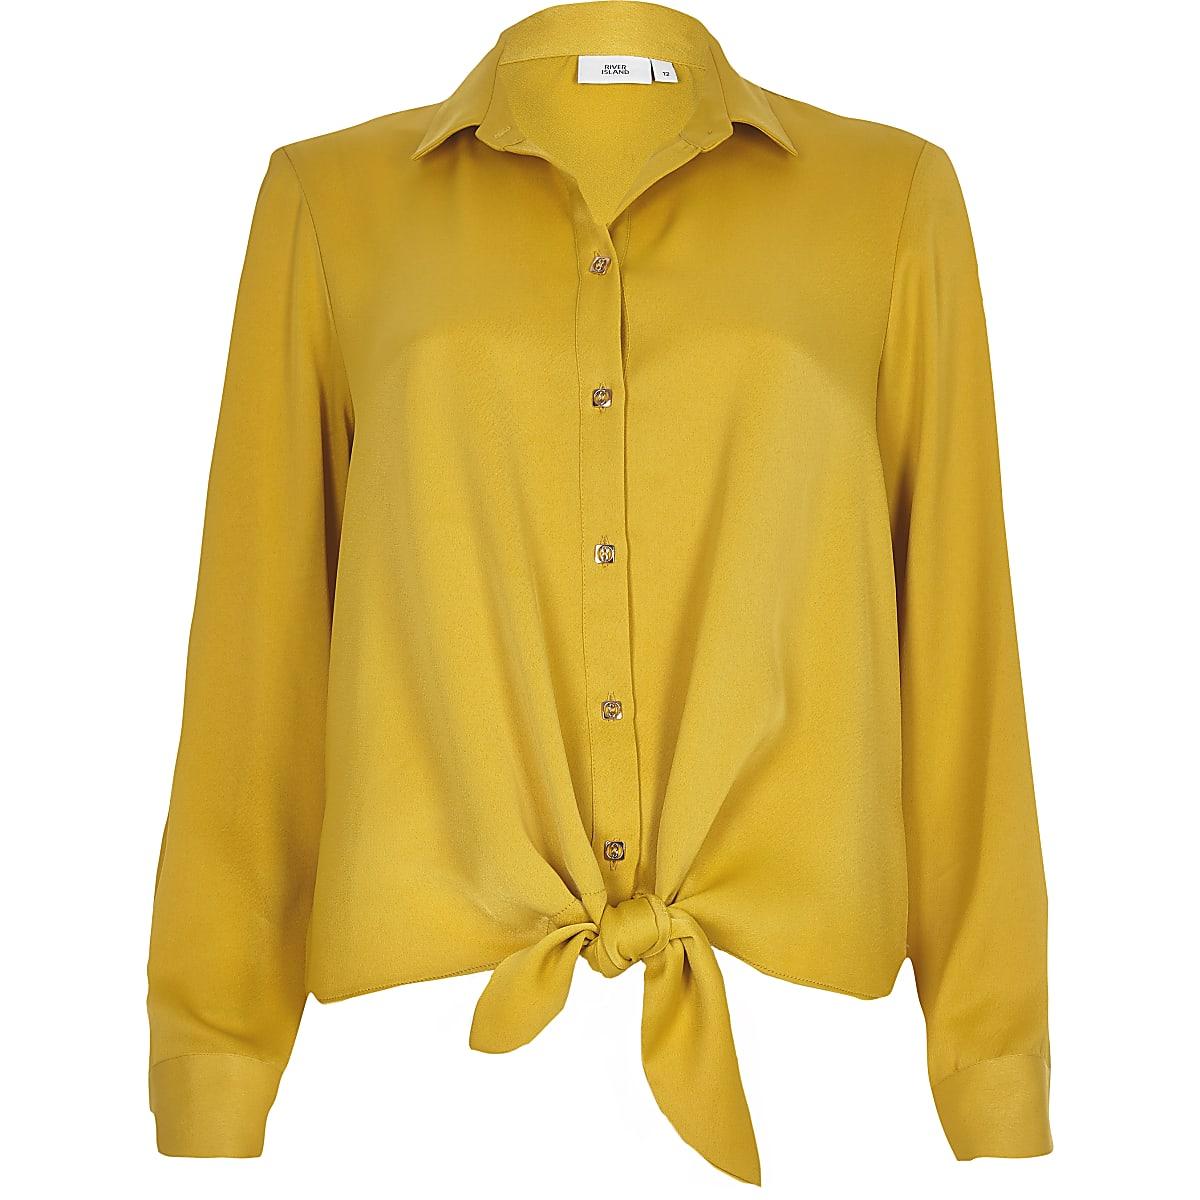 Geel Overhemd.Geel Overhemd Met Strik Voor En Lange Mouwen Overhemden Tops Dames